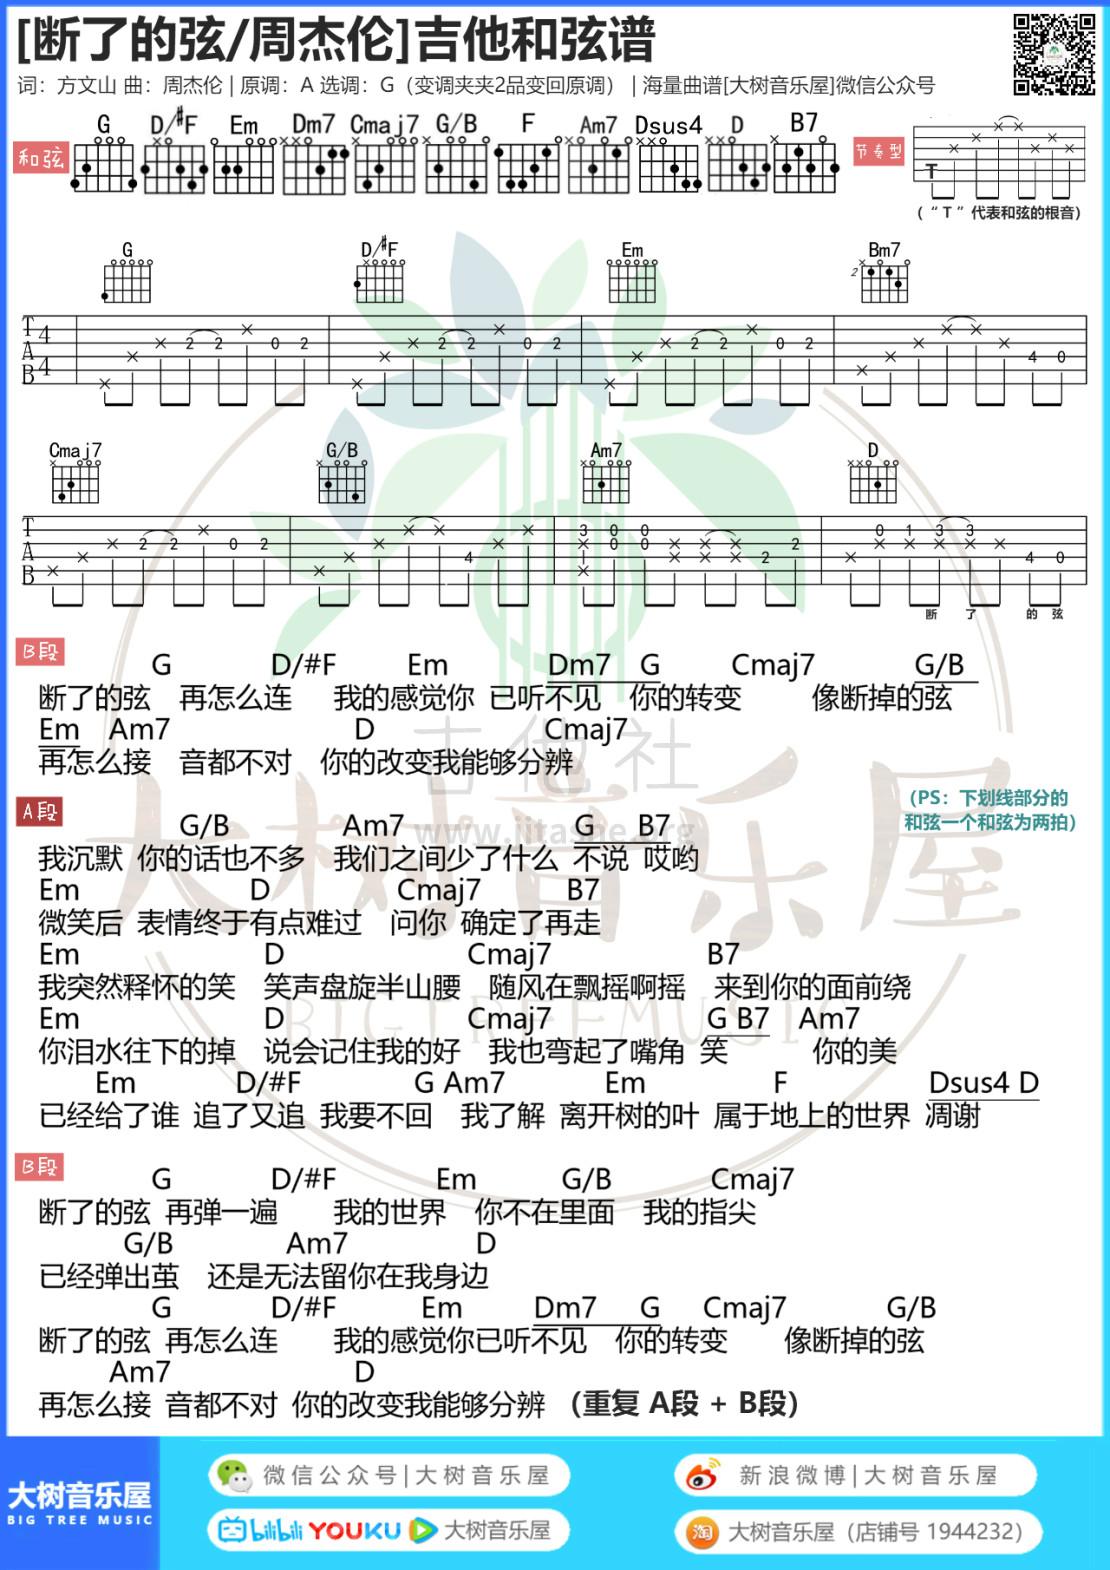 断了的弦(大树音乐屋)吉他谱(图片谱,弹唱,和弦,G调)_周杰伦(Jay Chou)_模板_meitu_3_meitu_9_meitu_1_meitu_1.jpg